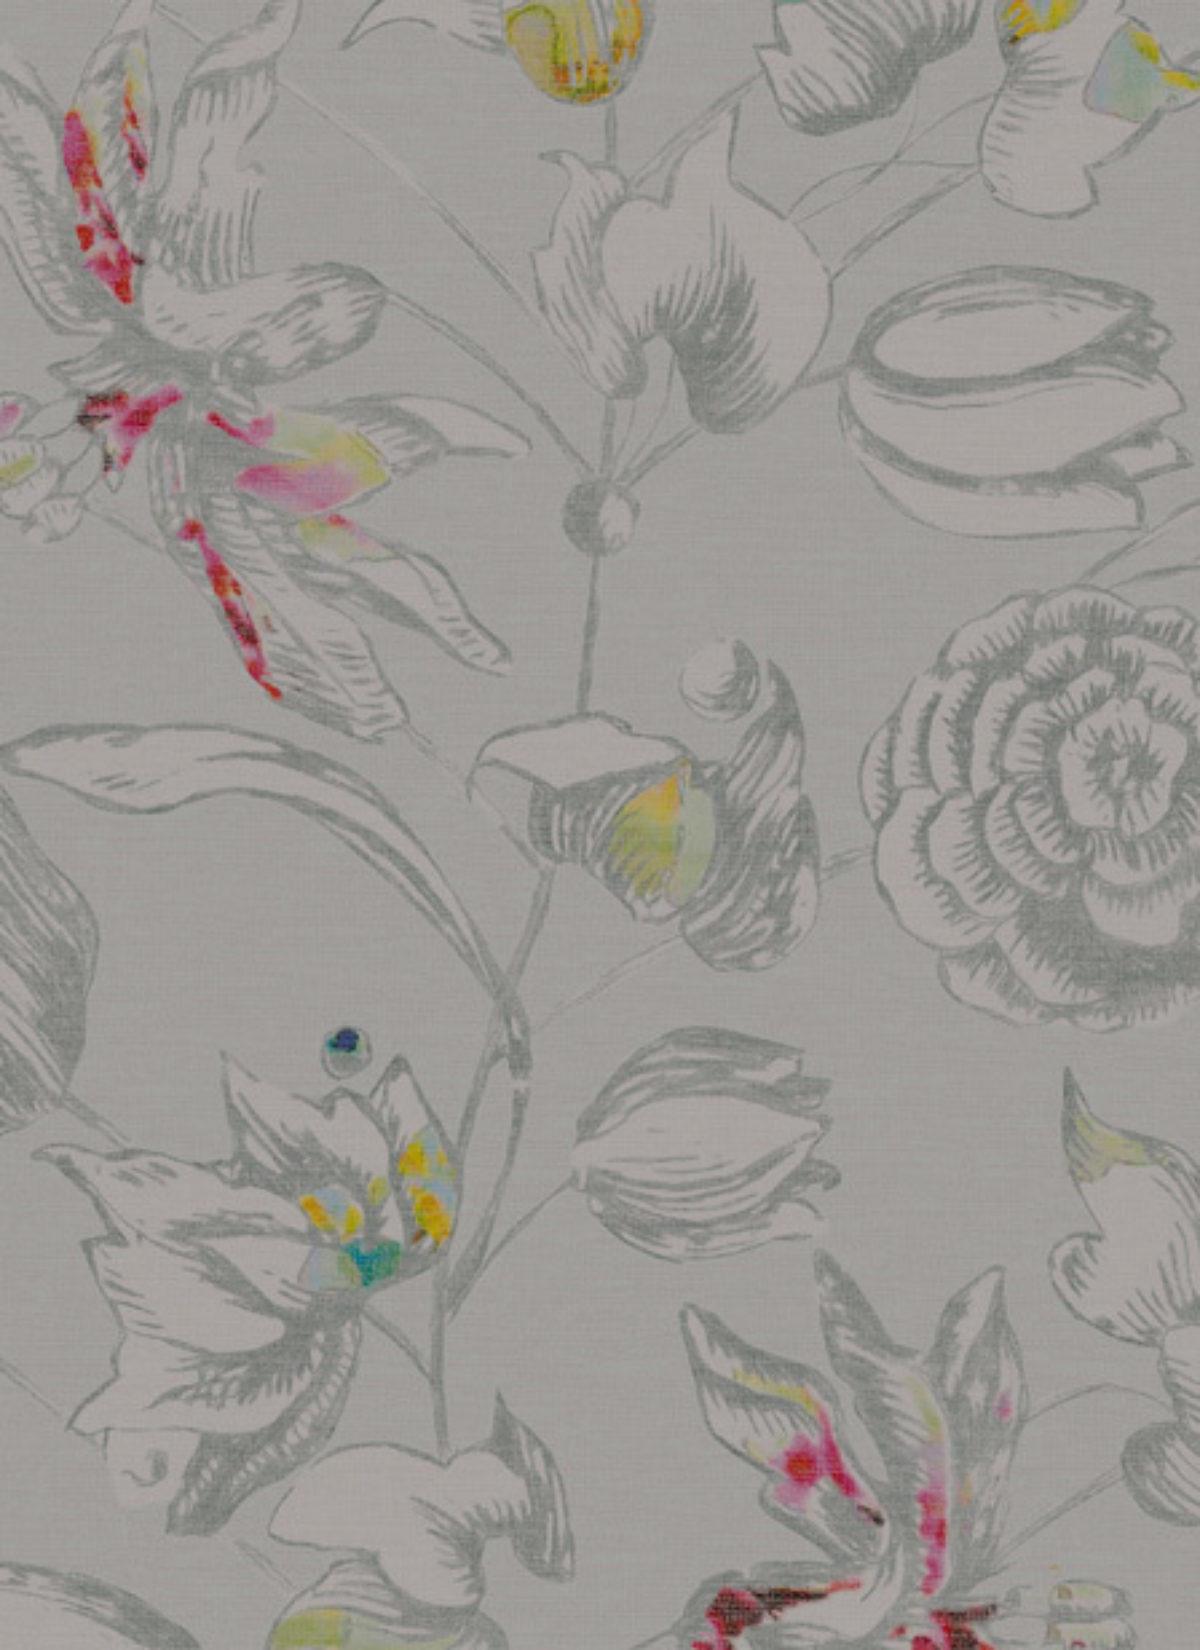 Kendix gordijnen in between vitrage stoffen collectie 0118110090 delft 90 large